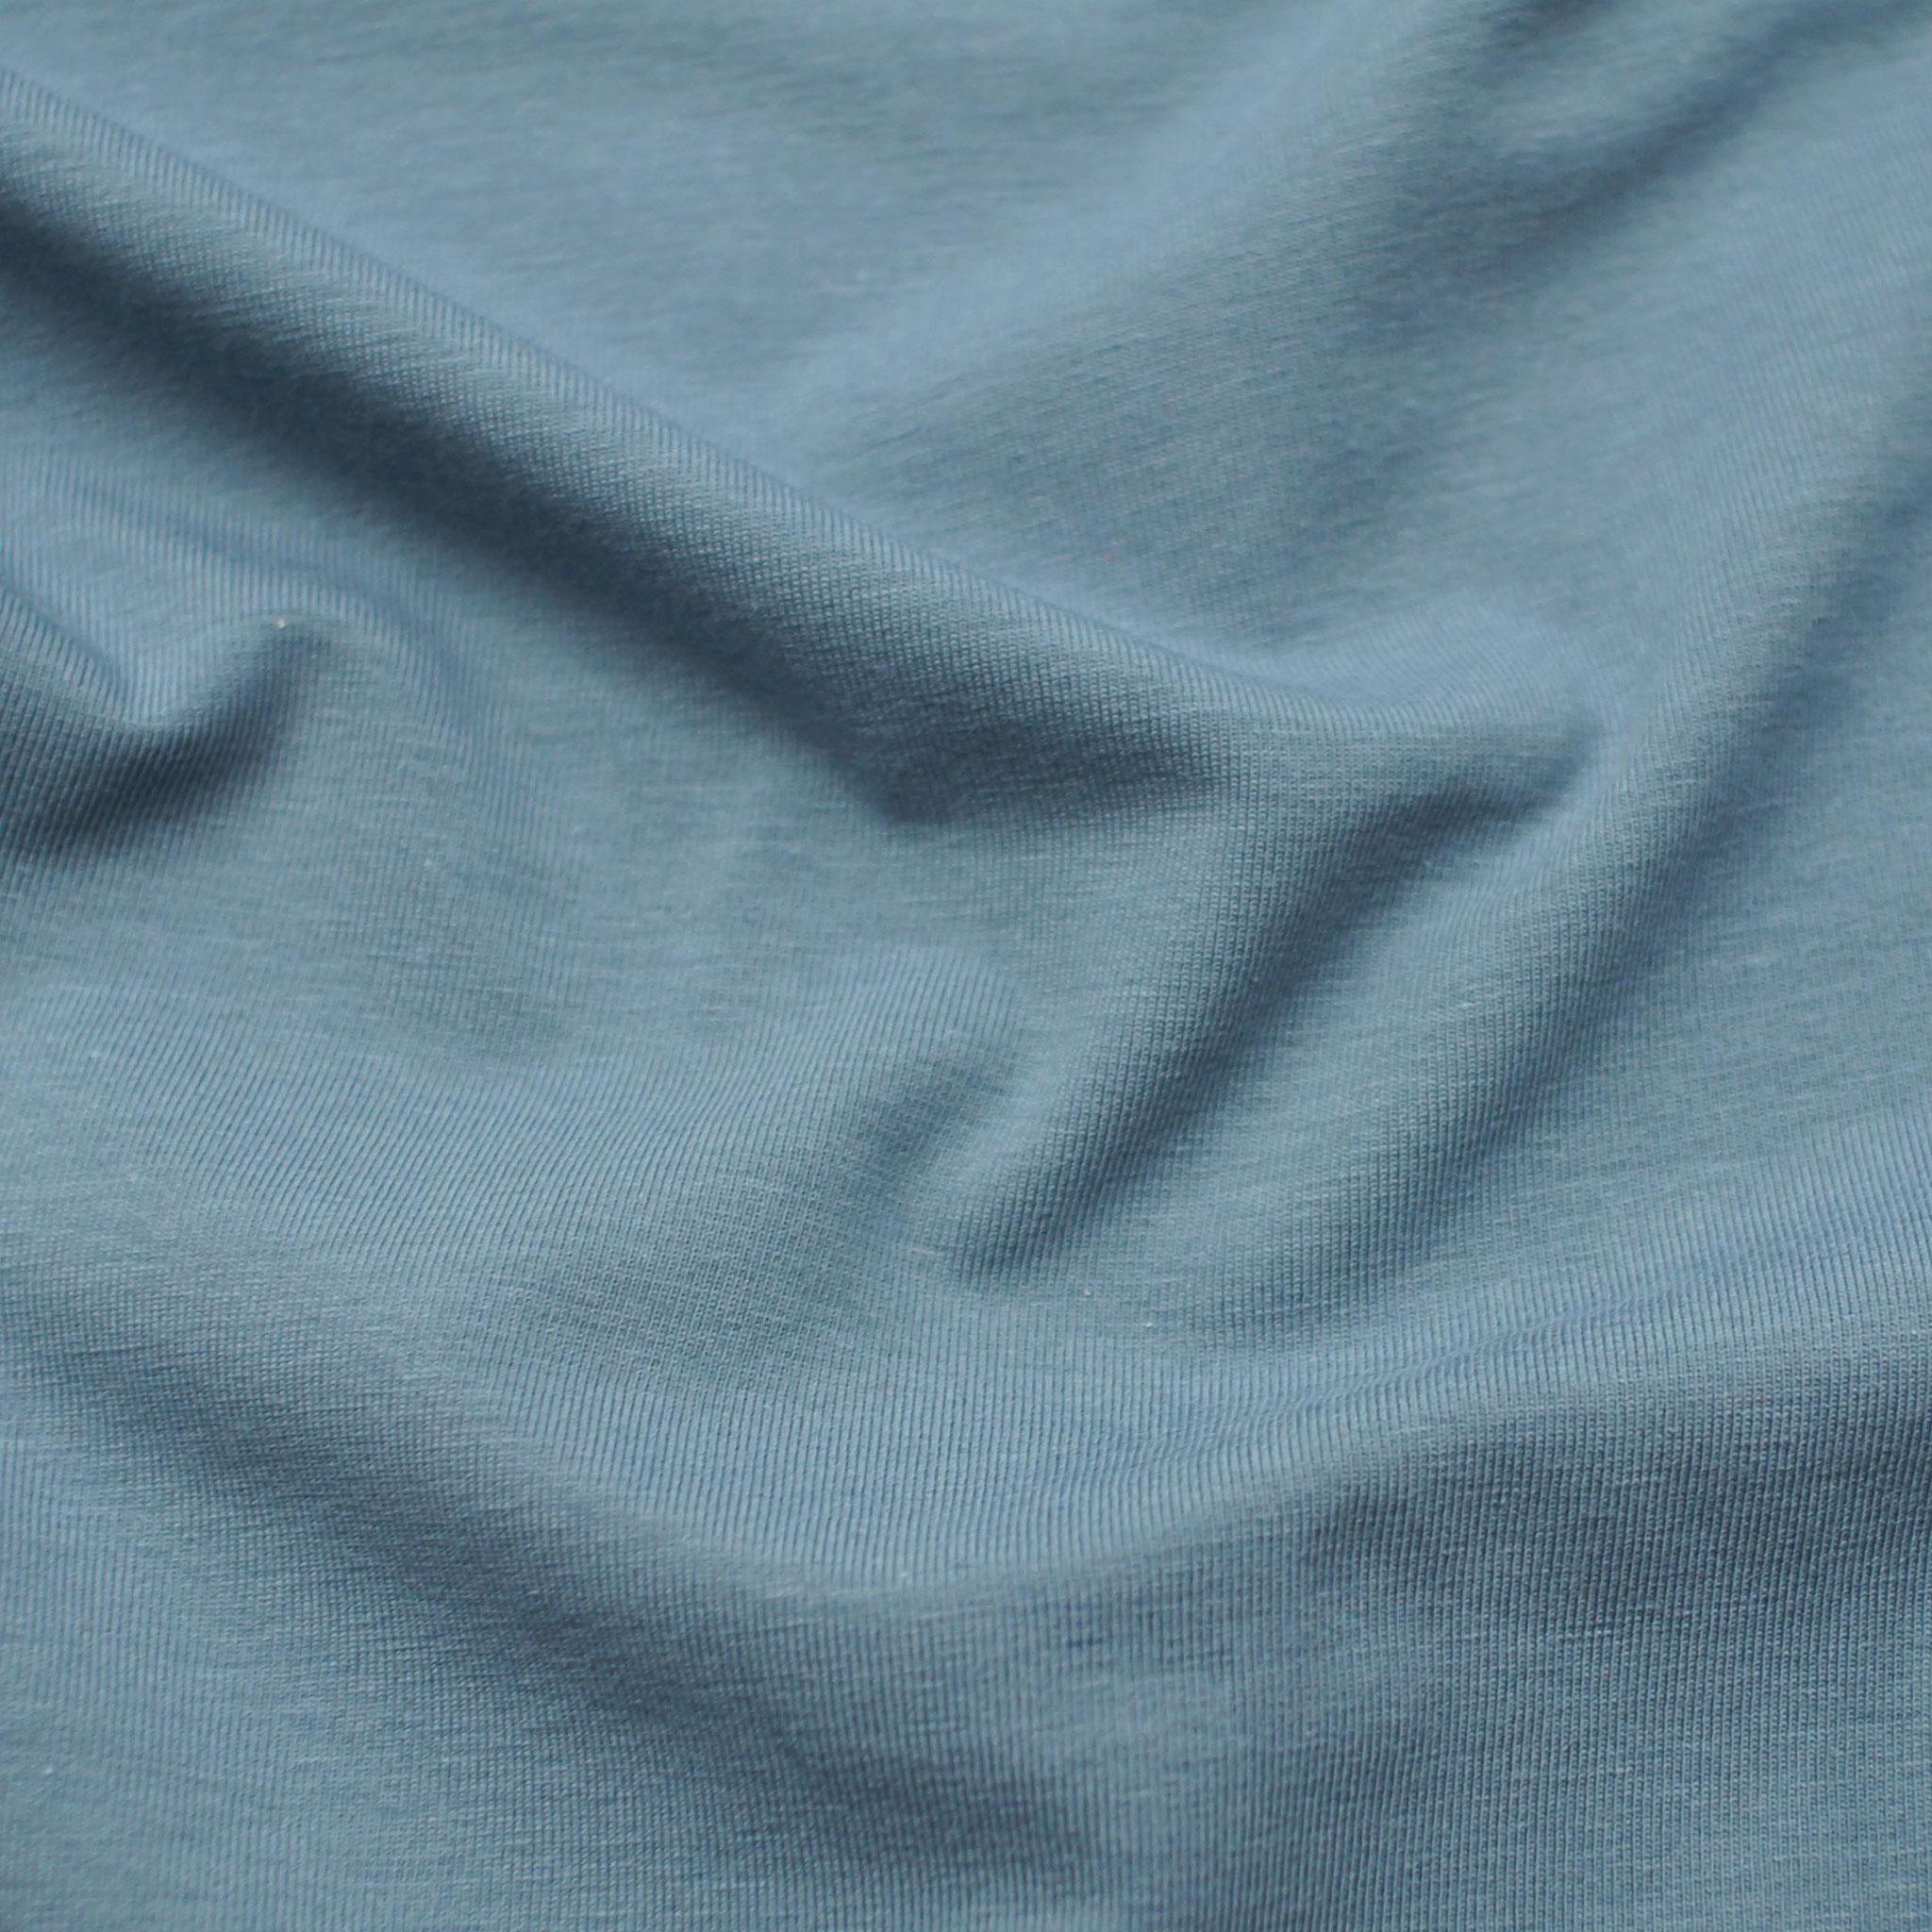 Luft Graublau,Biobaumwoll- Jersey (GOTS) Lebenskleidung,95% Baumwolle, 5% Elasthan,170g/m2, 170cm